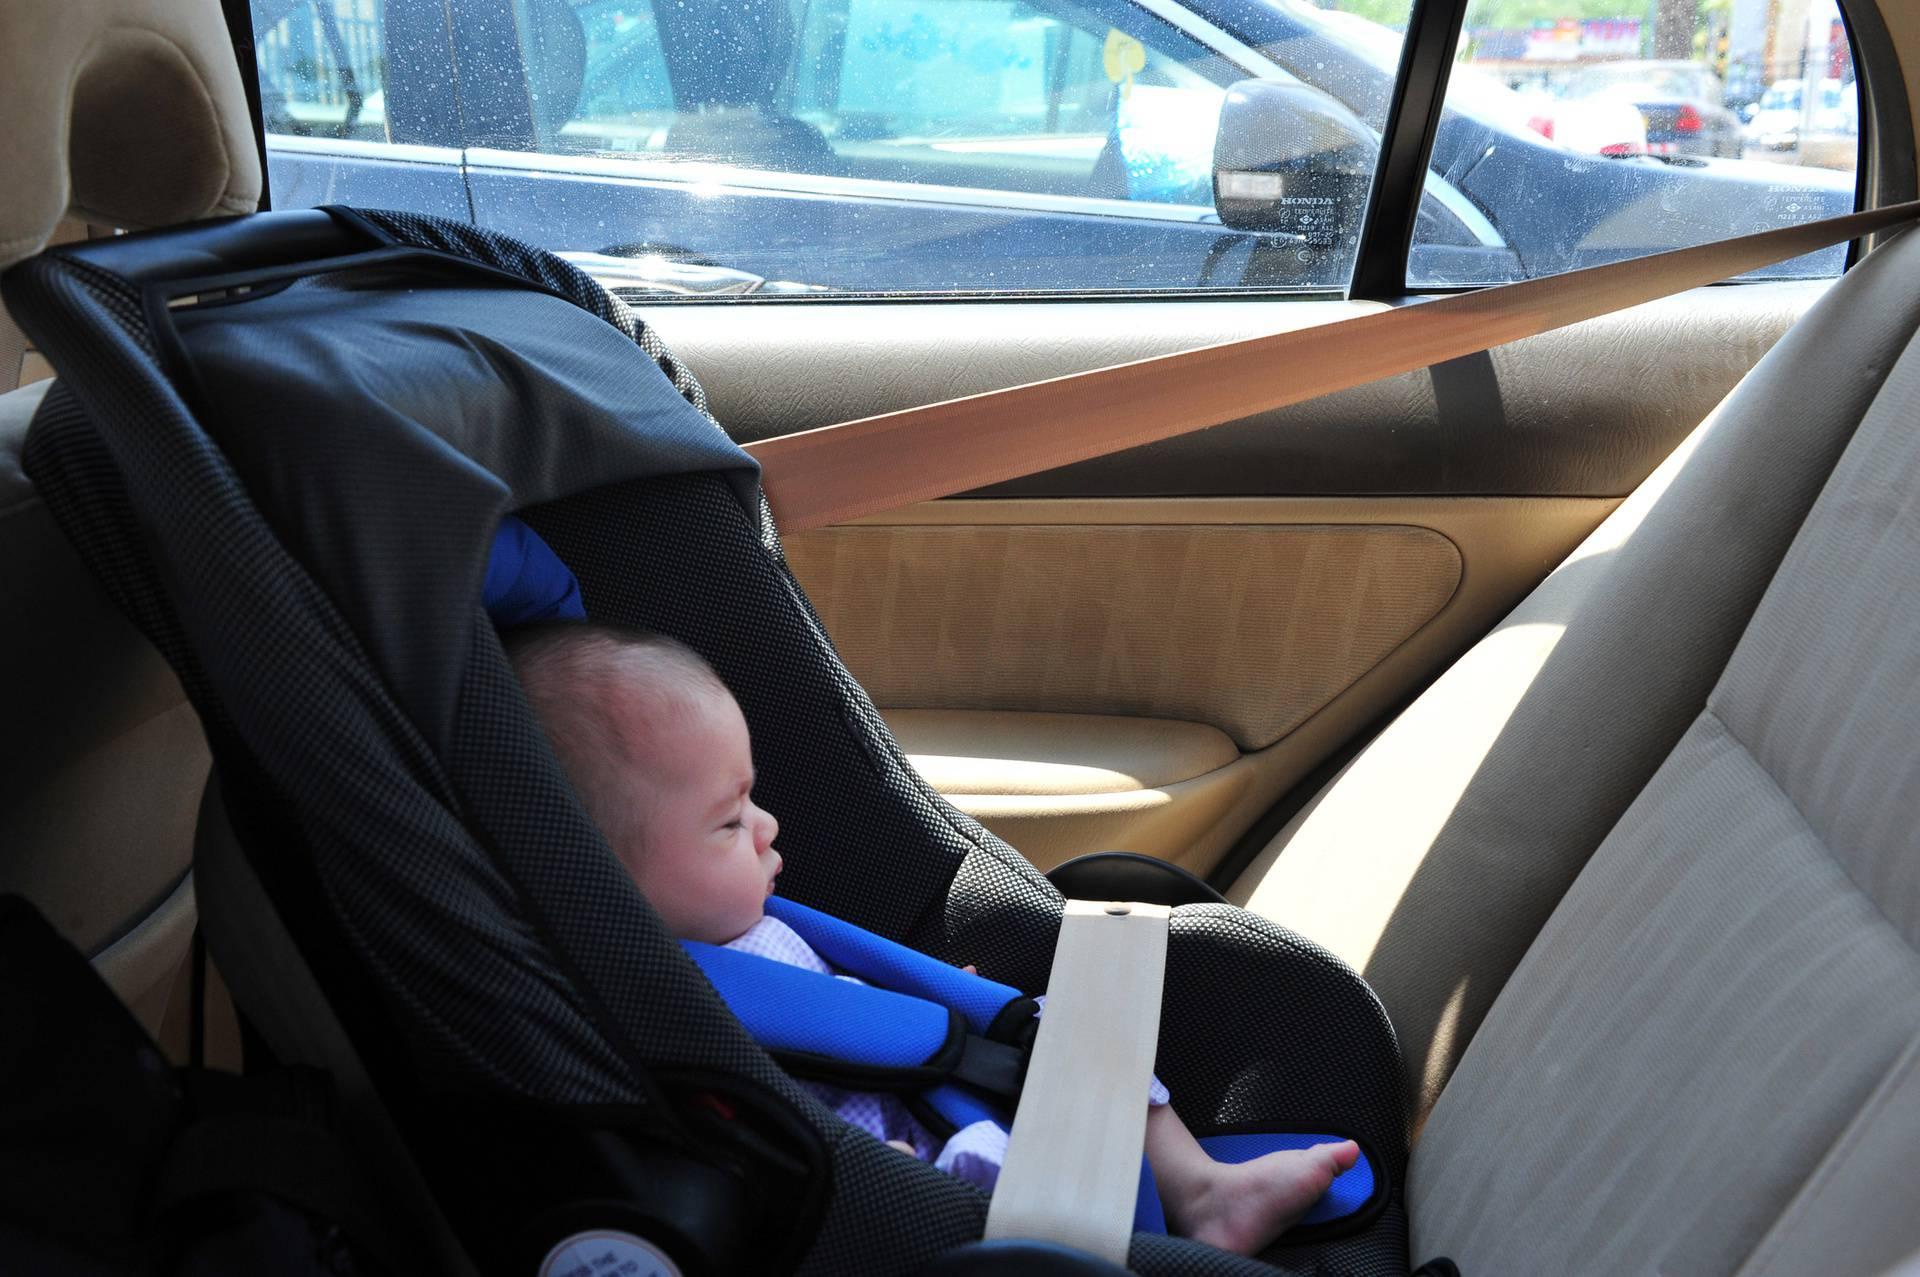 Ne ostavljajte djecu ni ljubimce u automobilu! Za koliko minuta vrućina u vozilu znači smrt?